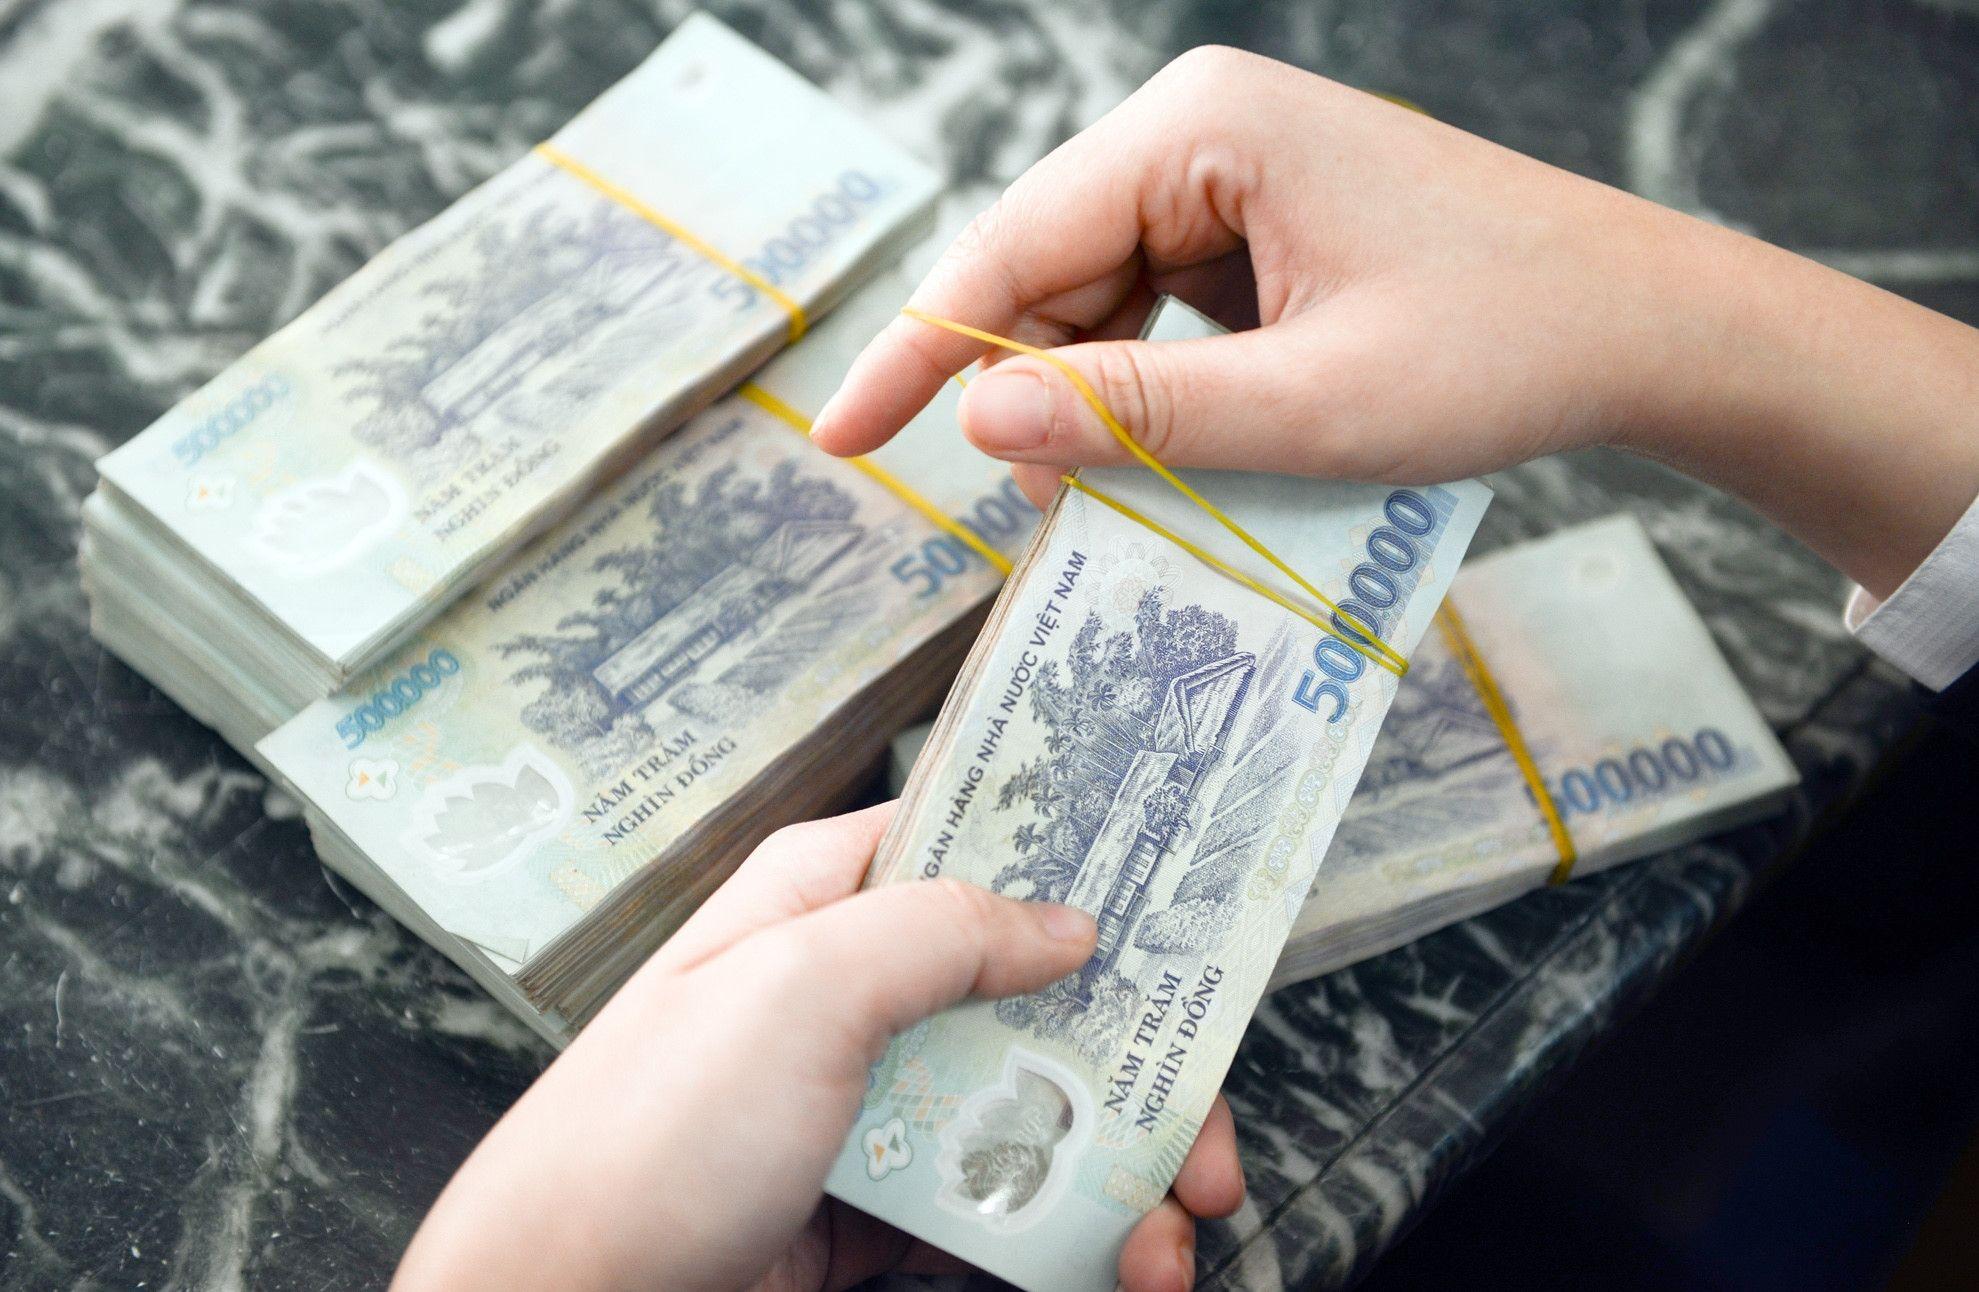 Hình thức vay tiền không lãi suất theo hóa đơn tiền điện là như thế nào?